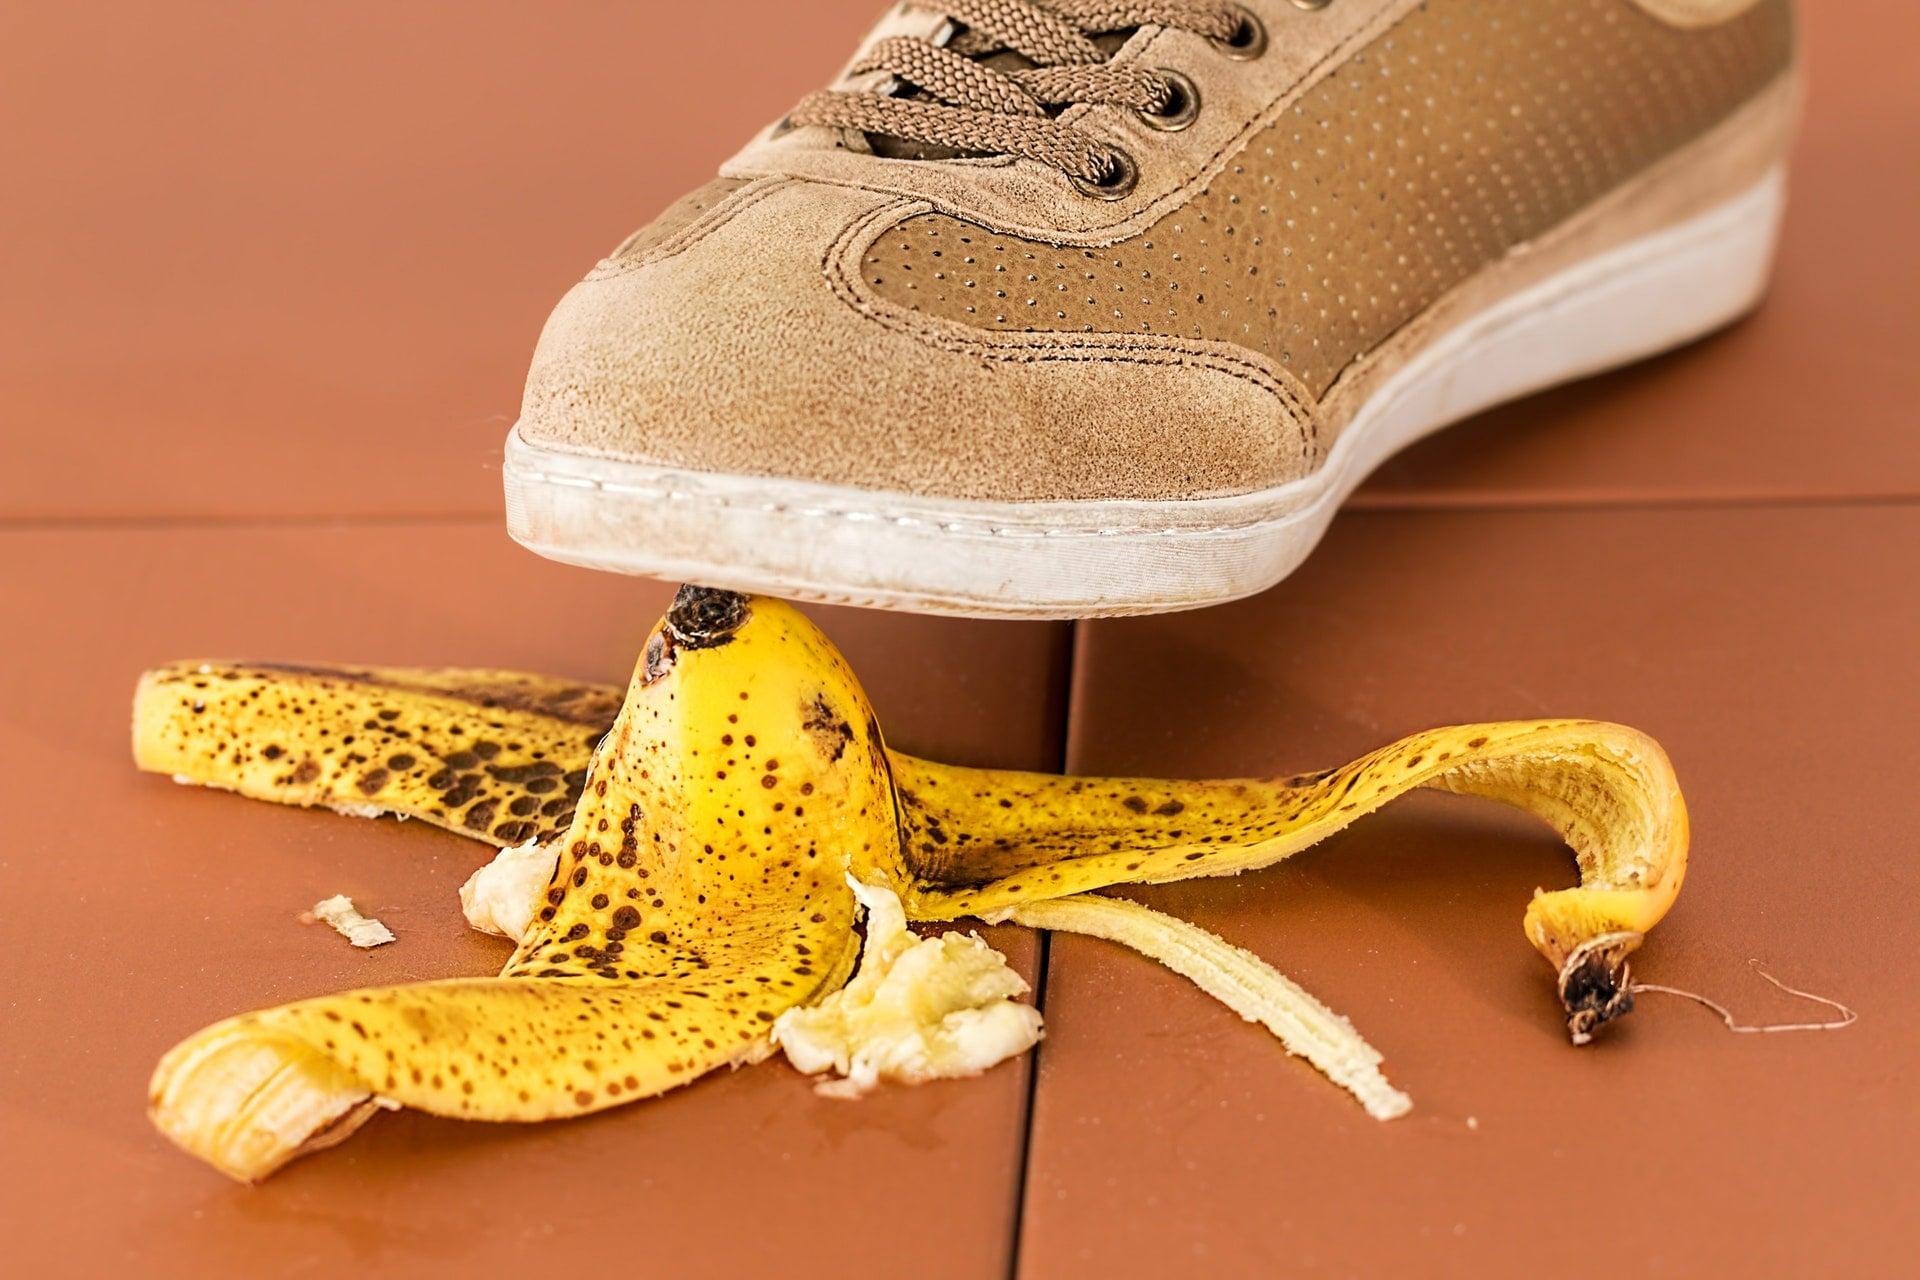 不鏽鋼吸管及鋁、鈦合金吸管,讓人無法接受的3個原因 slippery foot dangerous fall banana walk